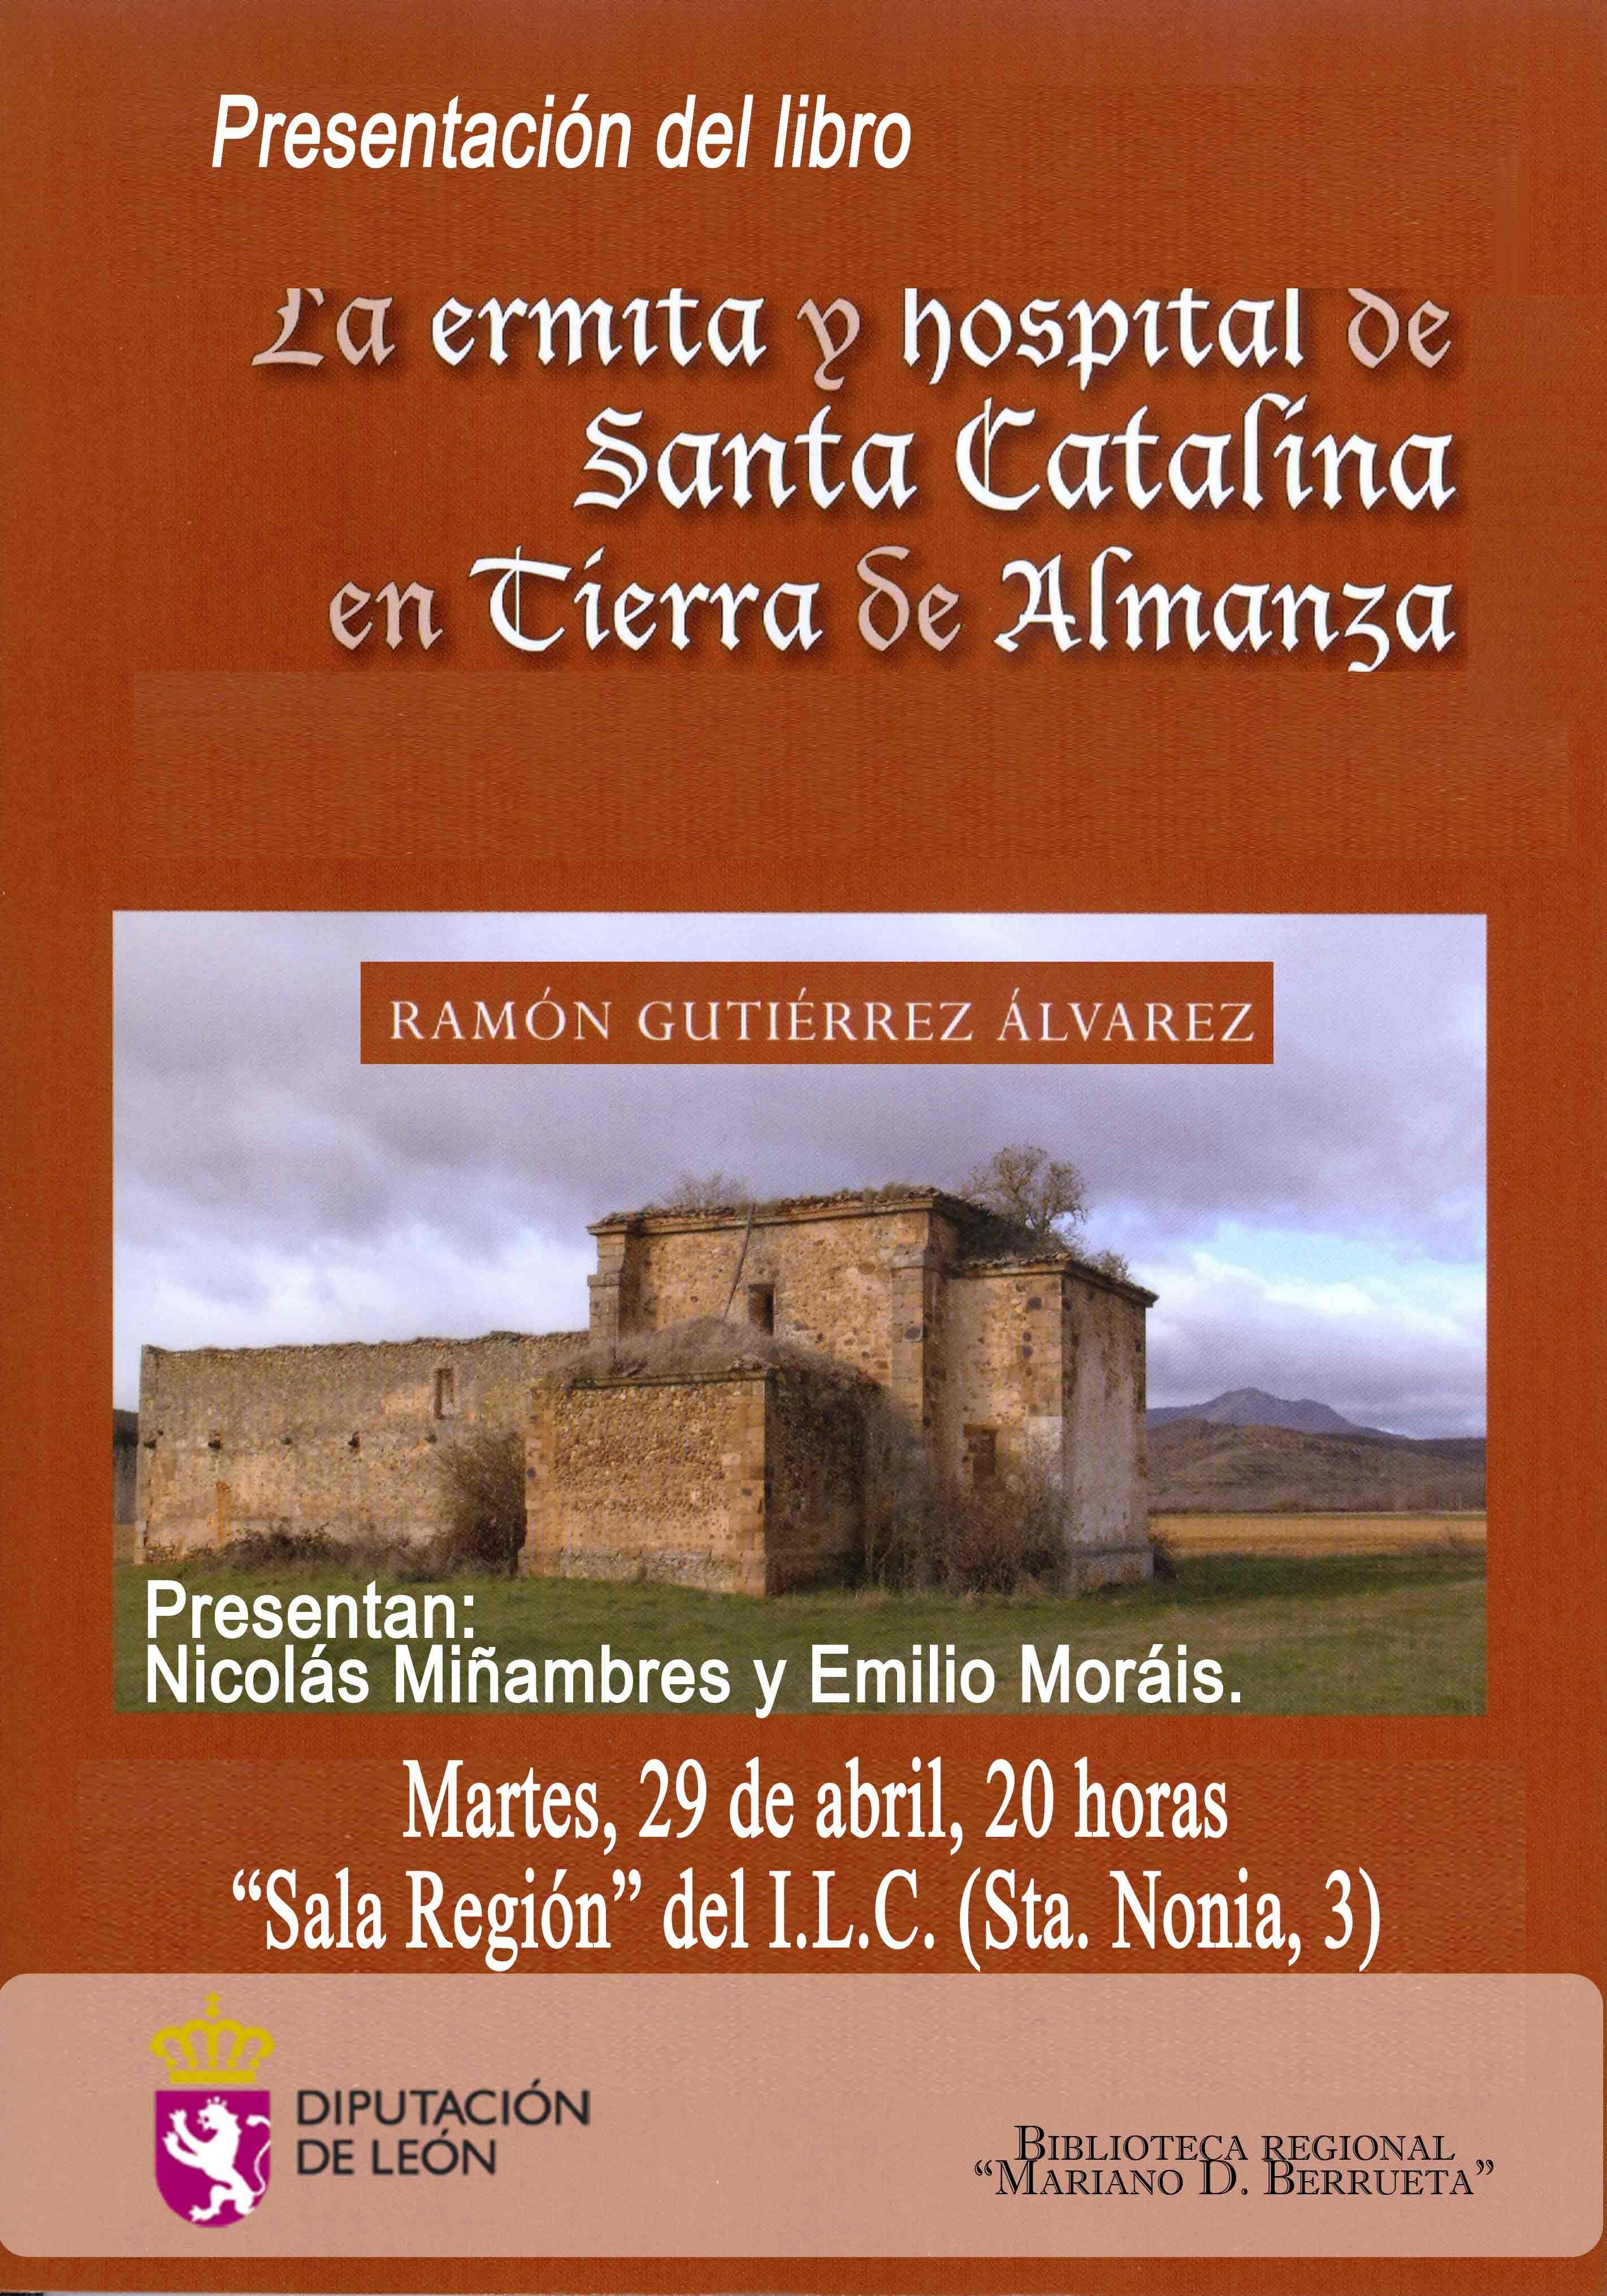 La ermita y hospital Santa Catalina en Tierra de Almanza